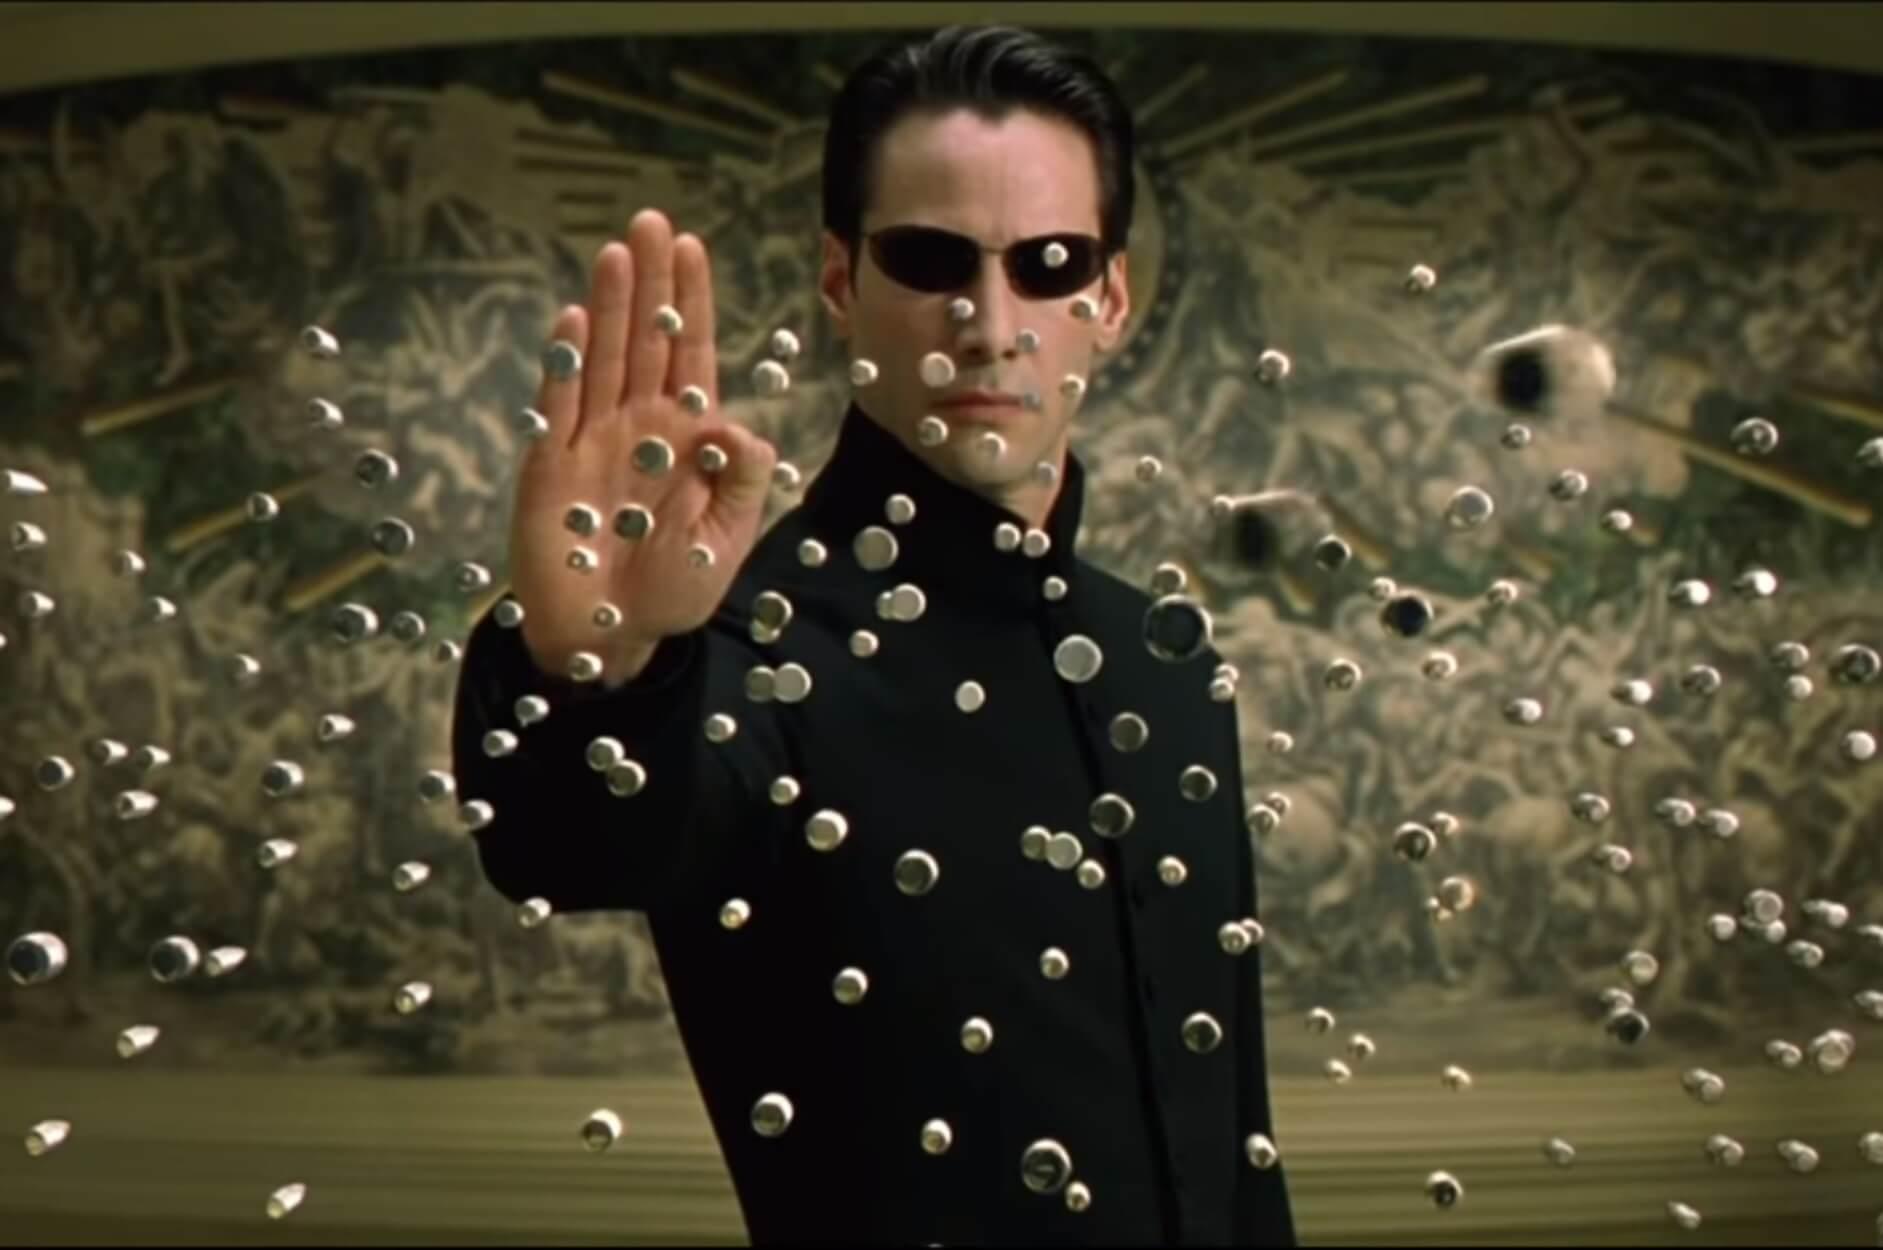 Όλα όσα γνωρίζουμε για το τρέιλερ του Matrix 4